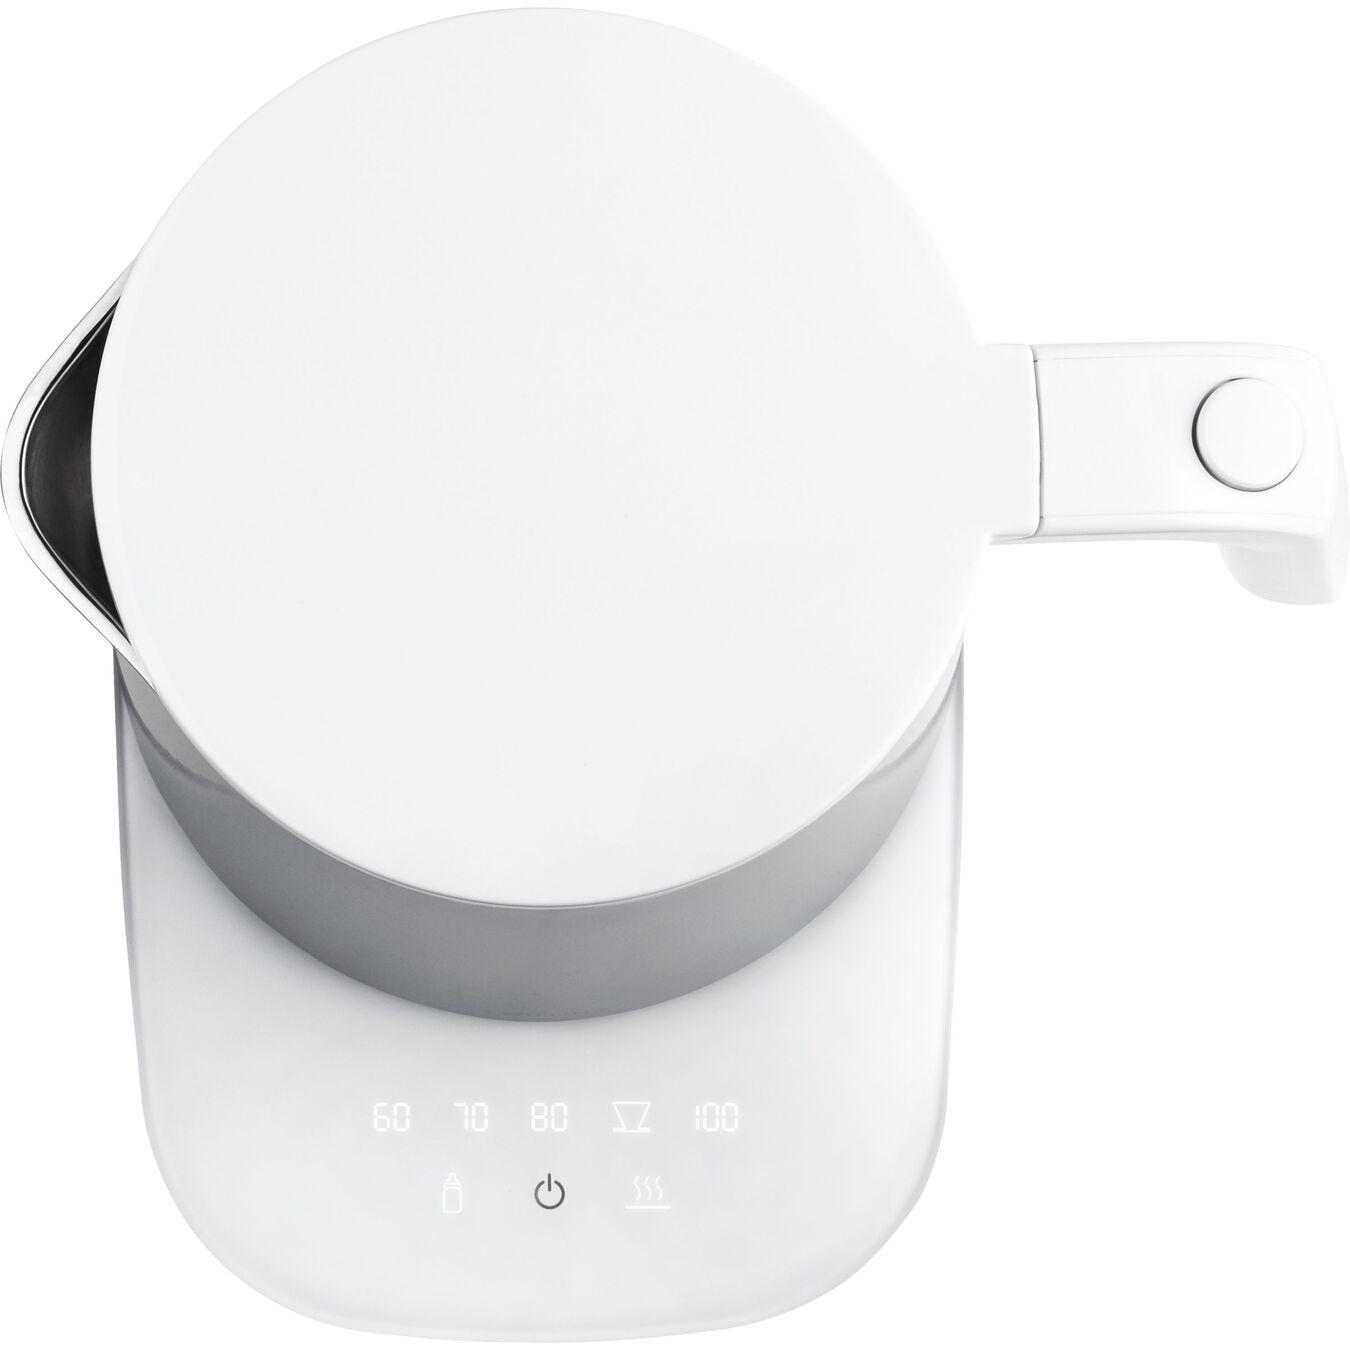 Elektrisk vattenkittel Pro, 1,5 l, Silver,,large 7